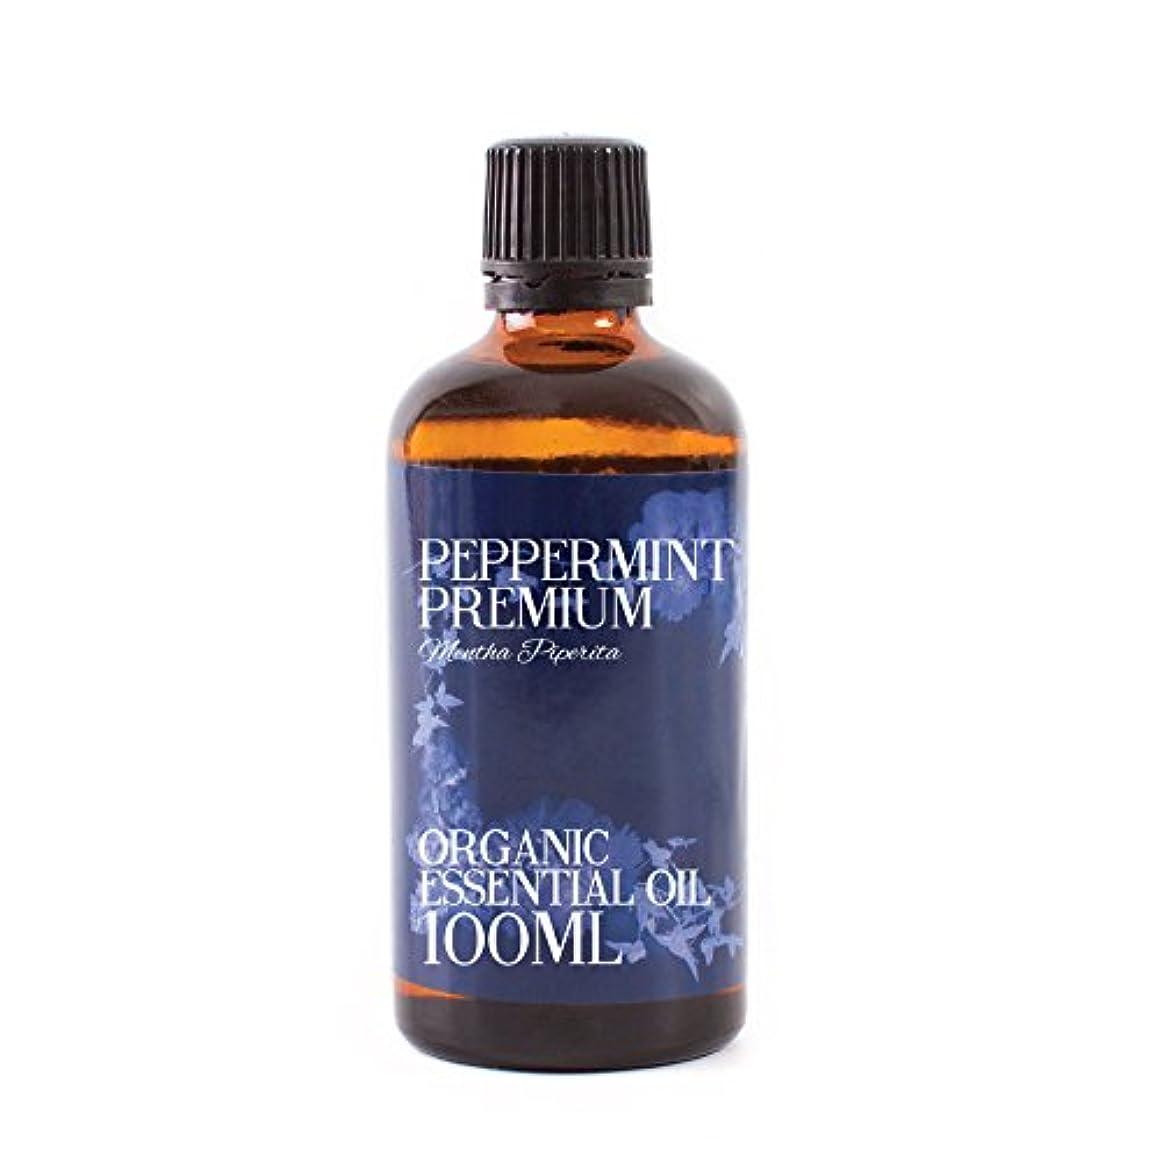 夏ストレージバンジョーMystic Moments | Peppermint Premium Organic Essential Oil - 100ml - 100% Pure